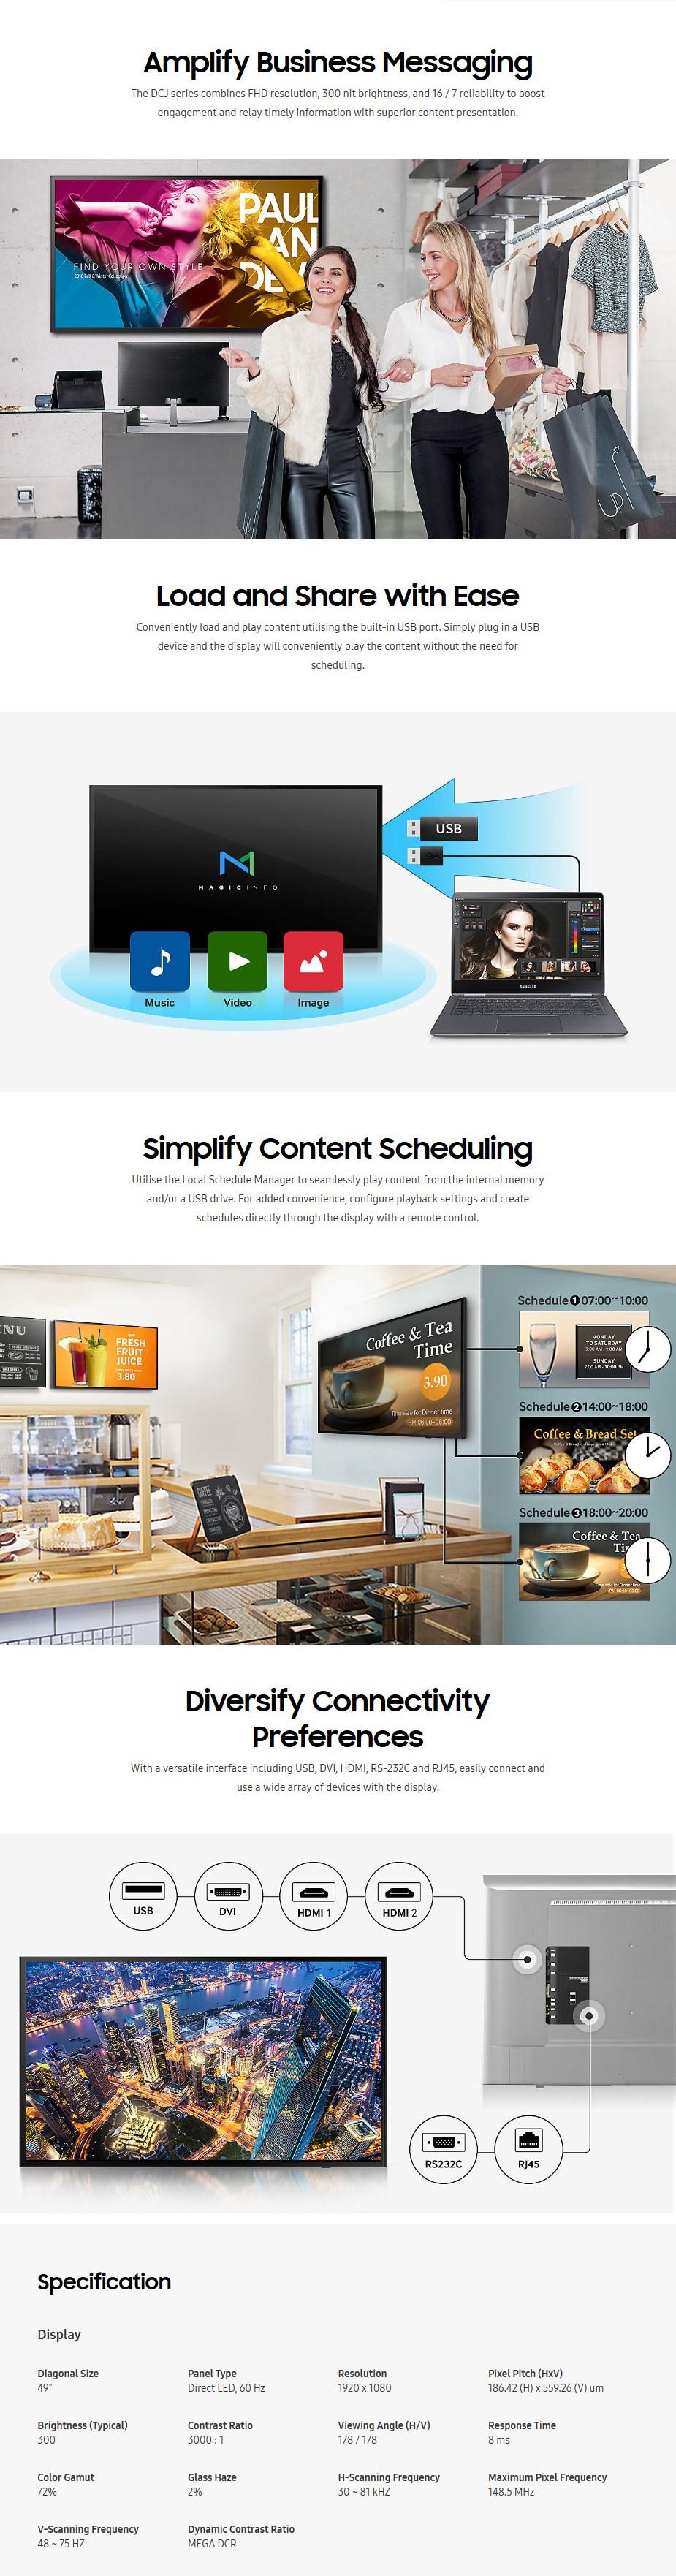 """Samsung DC Series 49"""" Full HD Direct LED Digital Signage - Desktop Overview 1"""